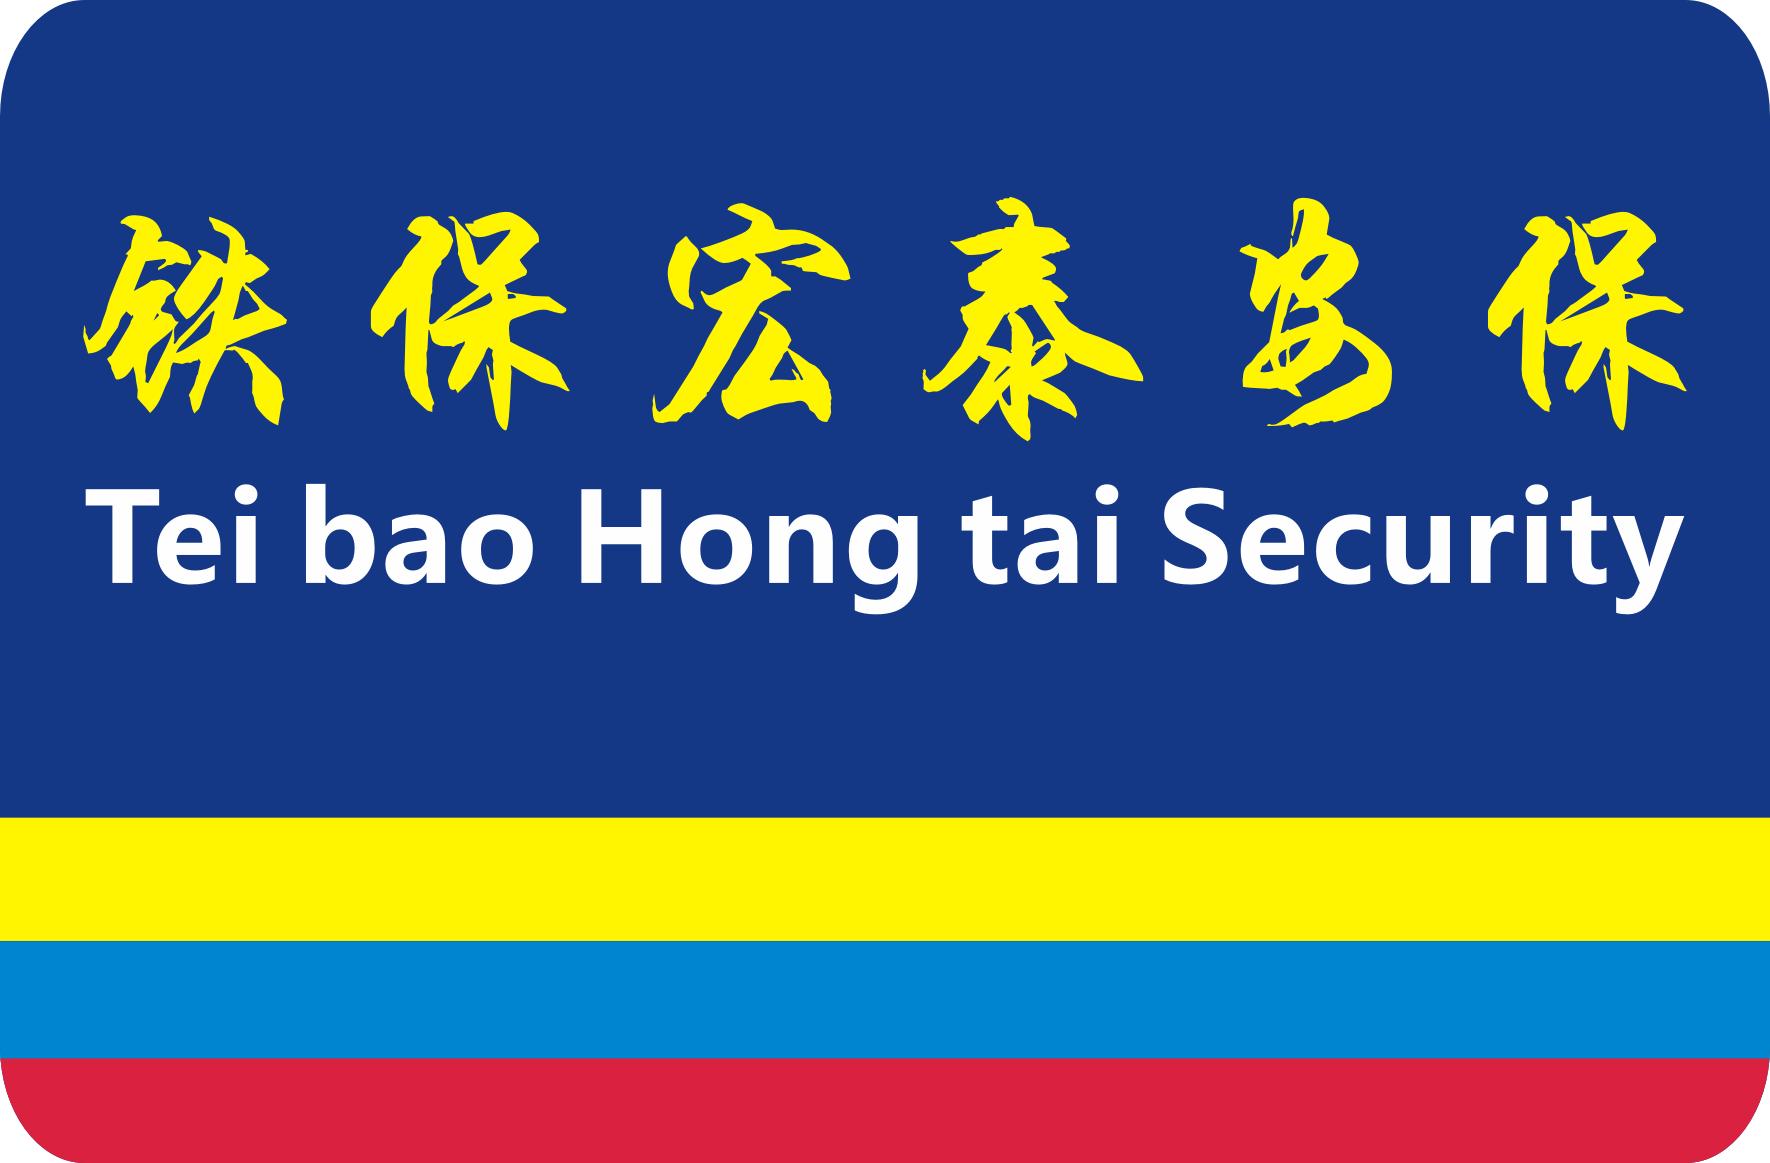 深圳市保安协会自律管理惩戒处分暂行办法草案